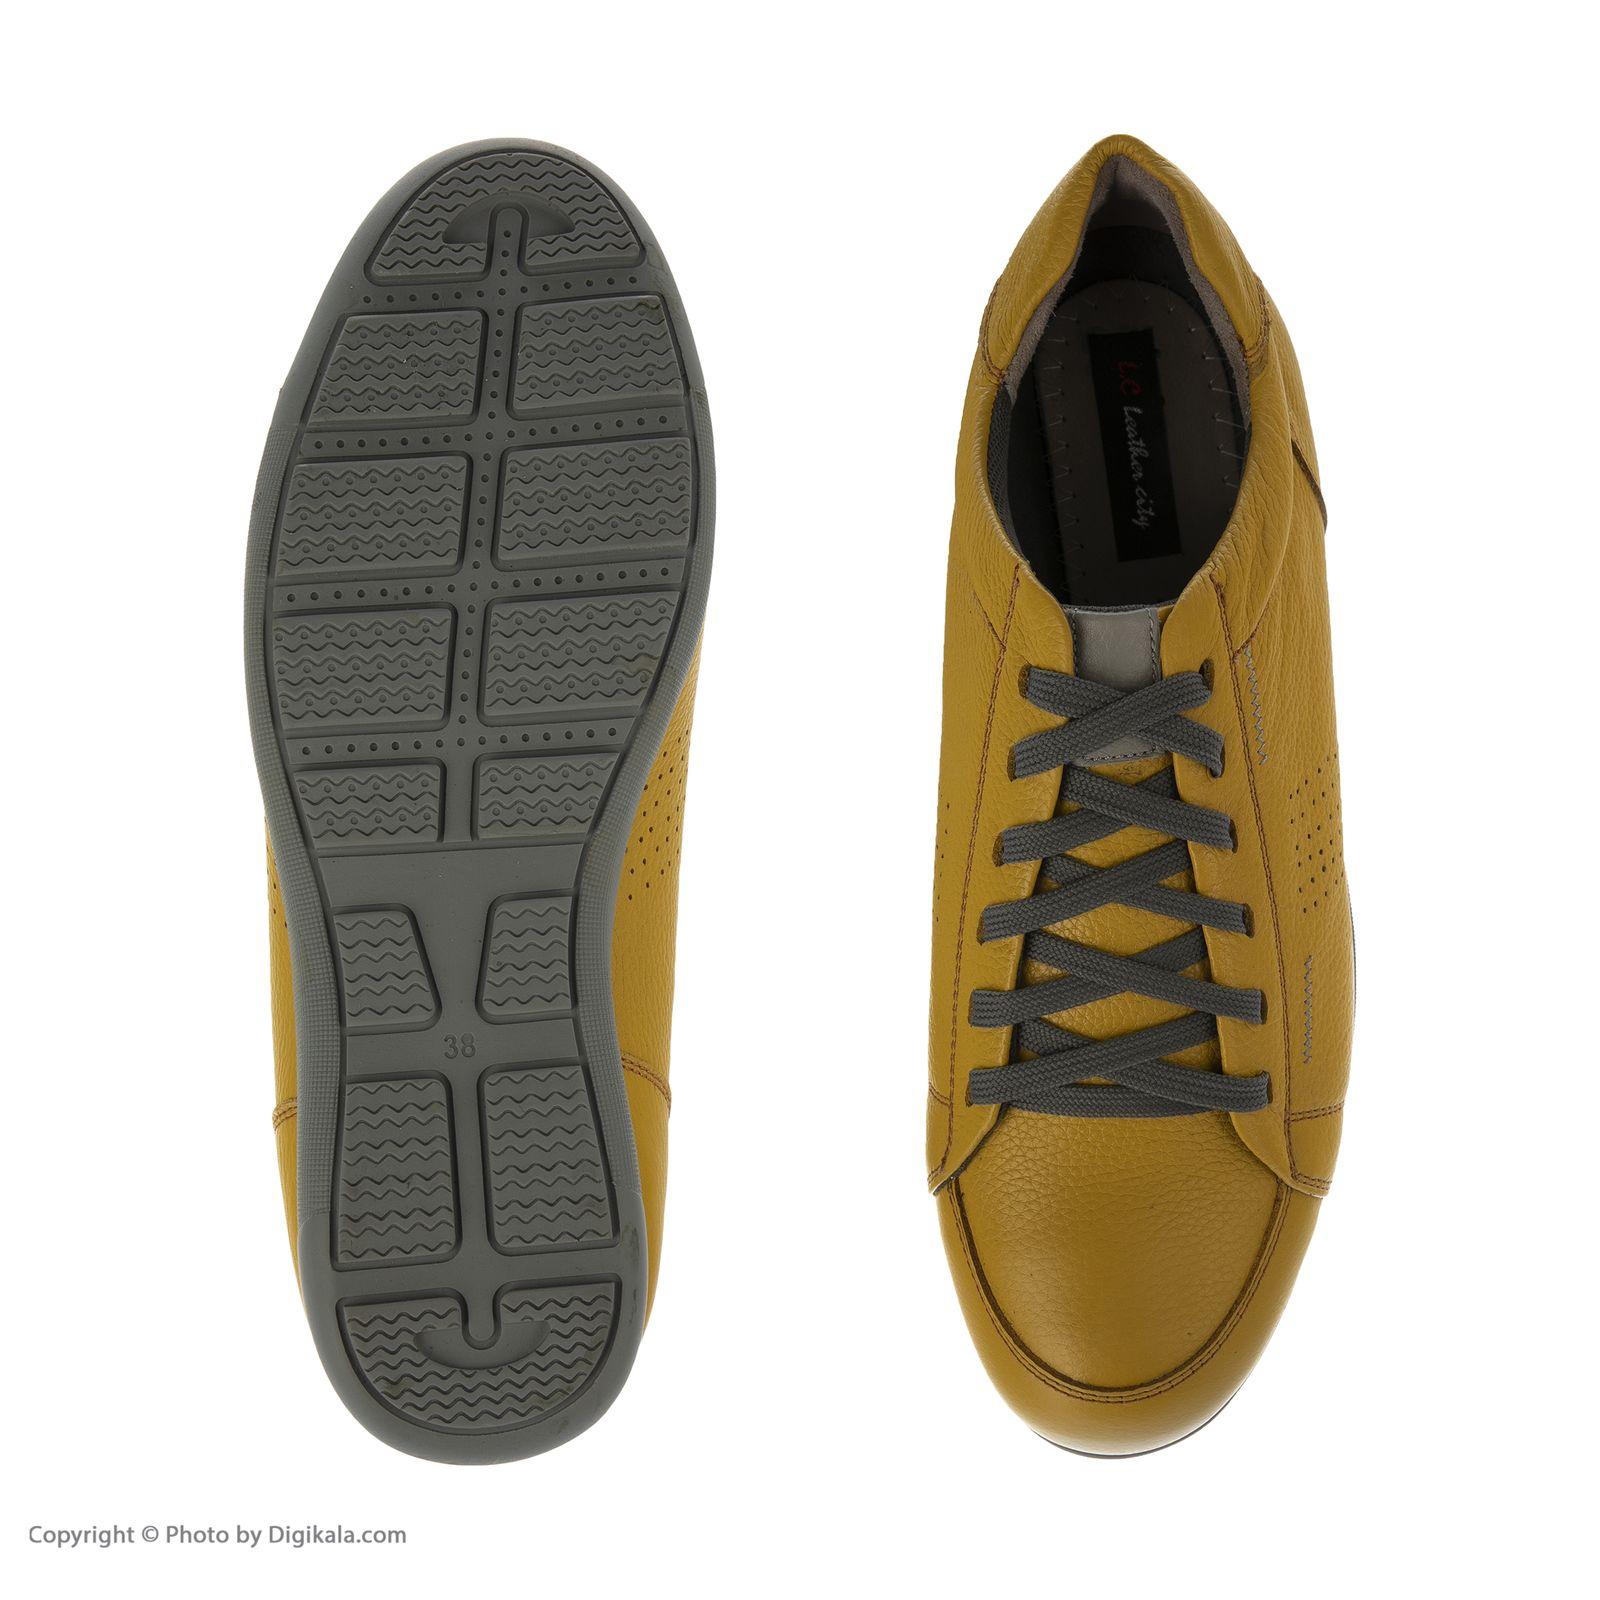 کفش روزمره زنانه شهر چرم مدل so42319 -  - 8